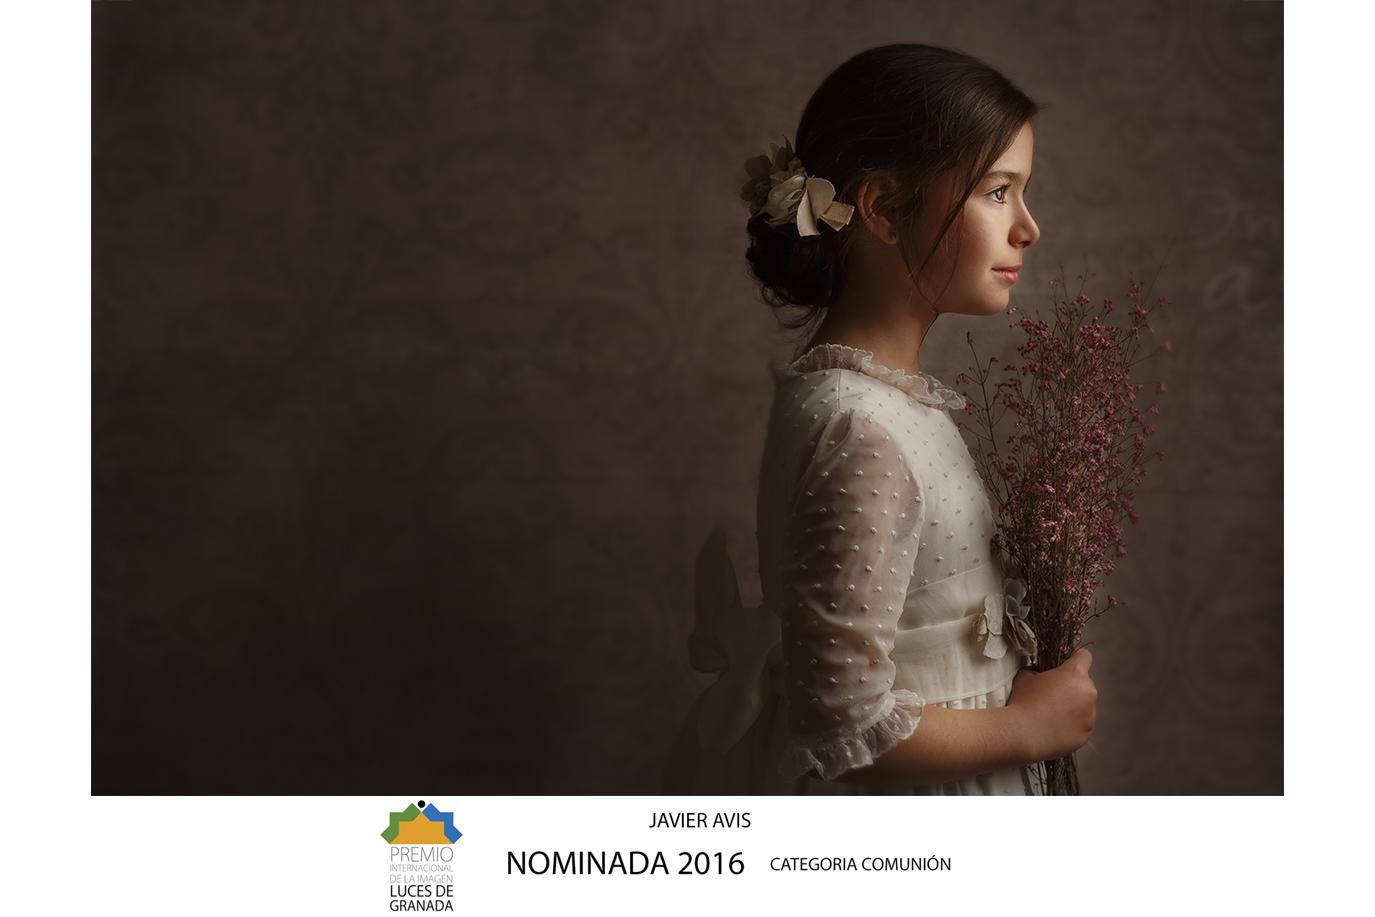 Javier Avis Premio Luces de Granada